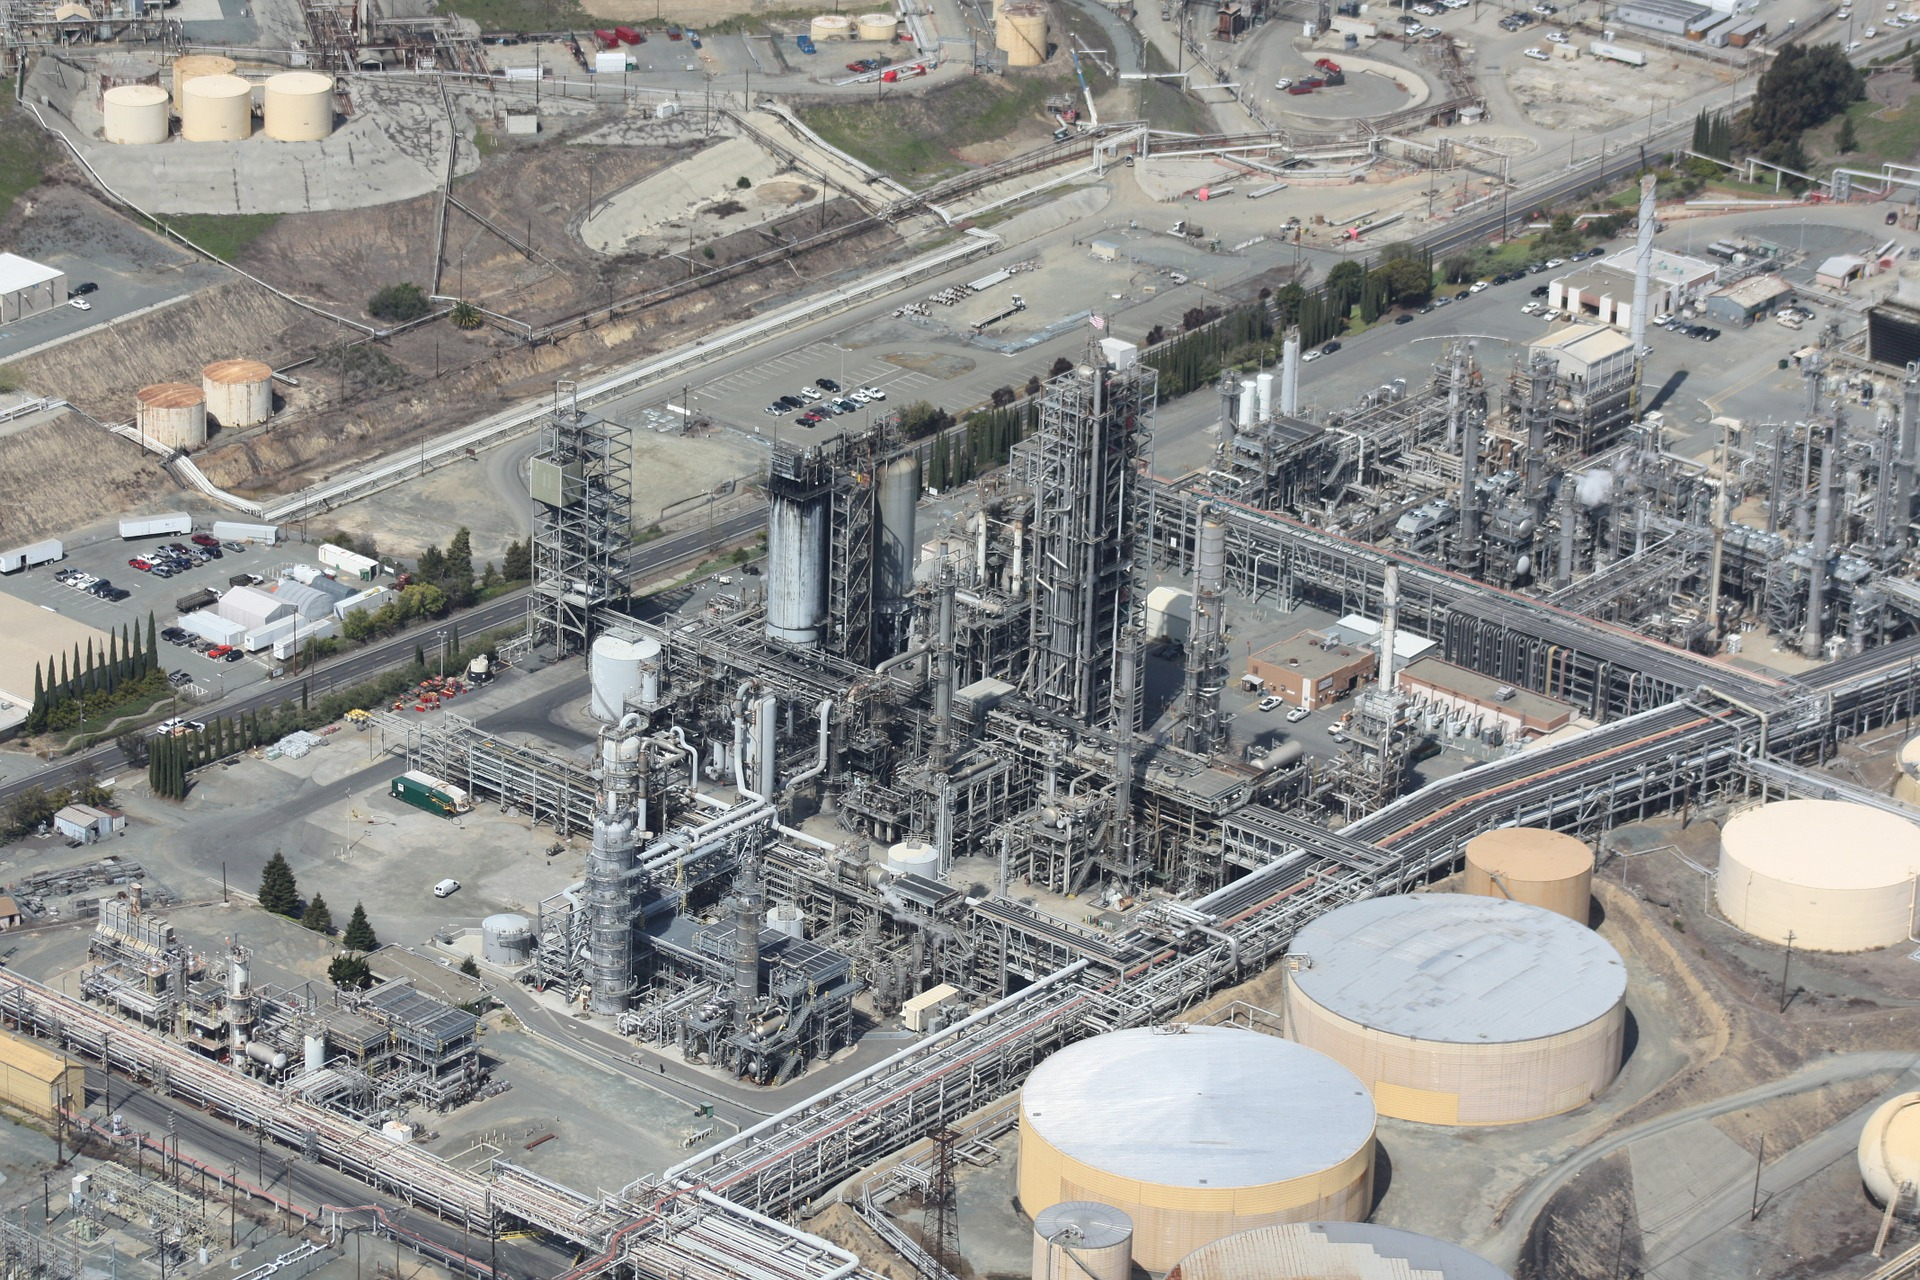 50% de la production pétrolière de l'Arabie Saoudite à l'arrêt. Quelles conséquences ?